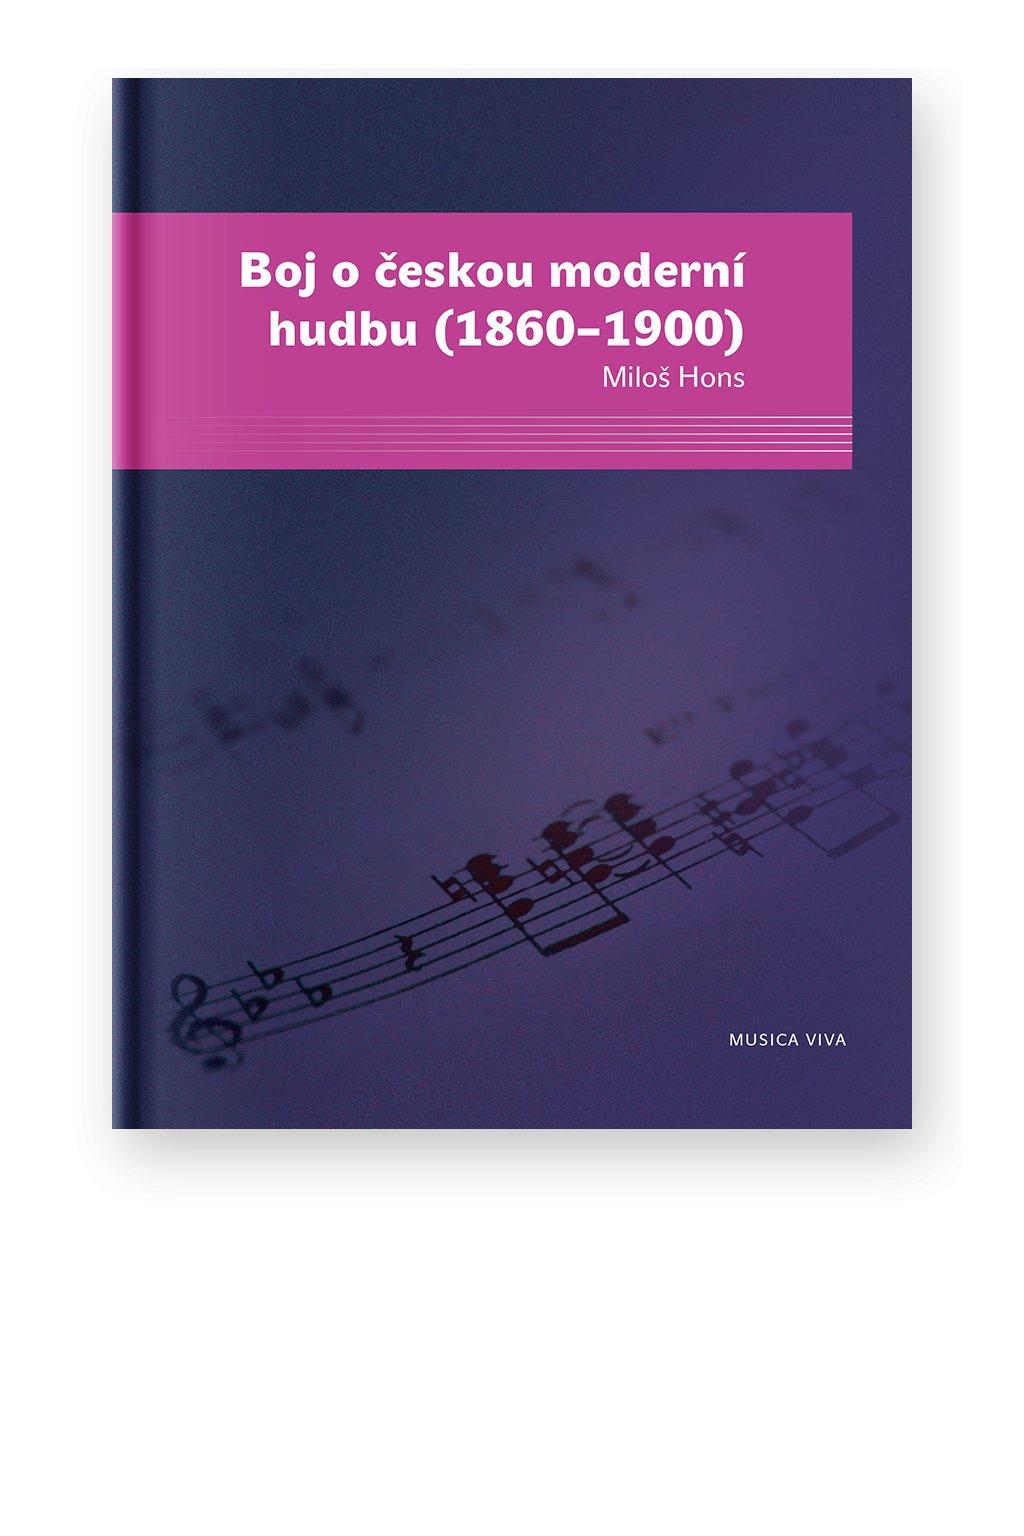 891 boj o ceskou moderni hudbu 1860 1900